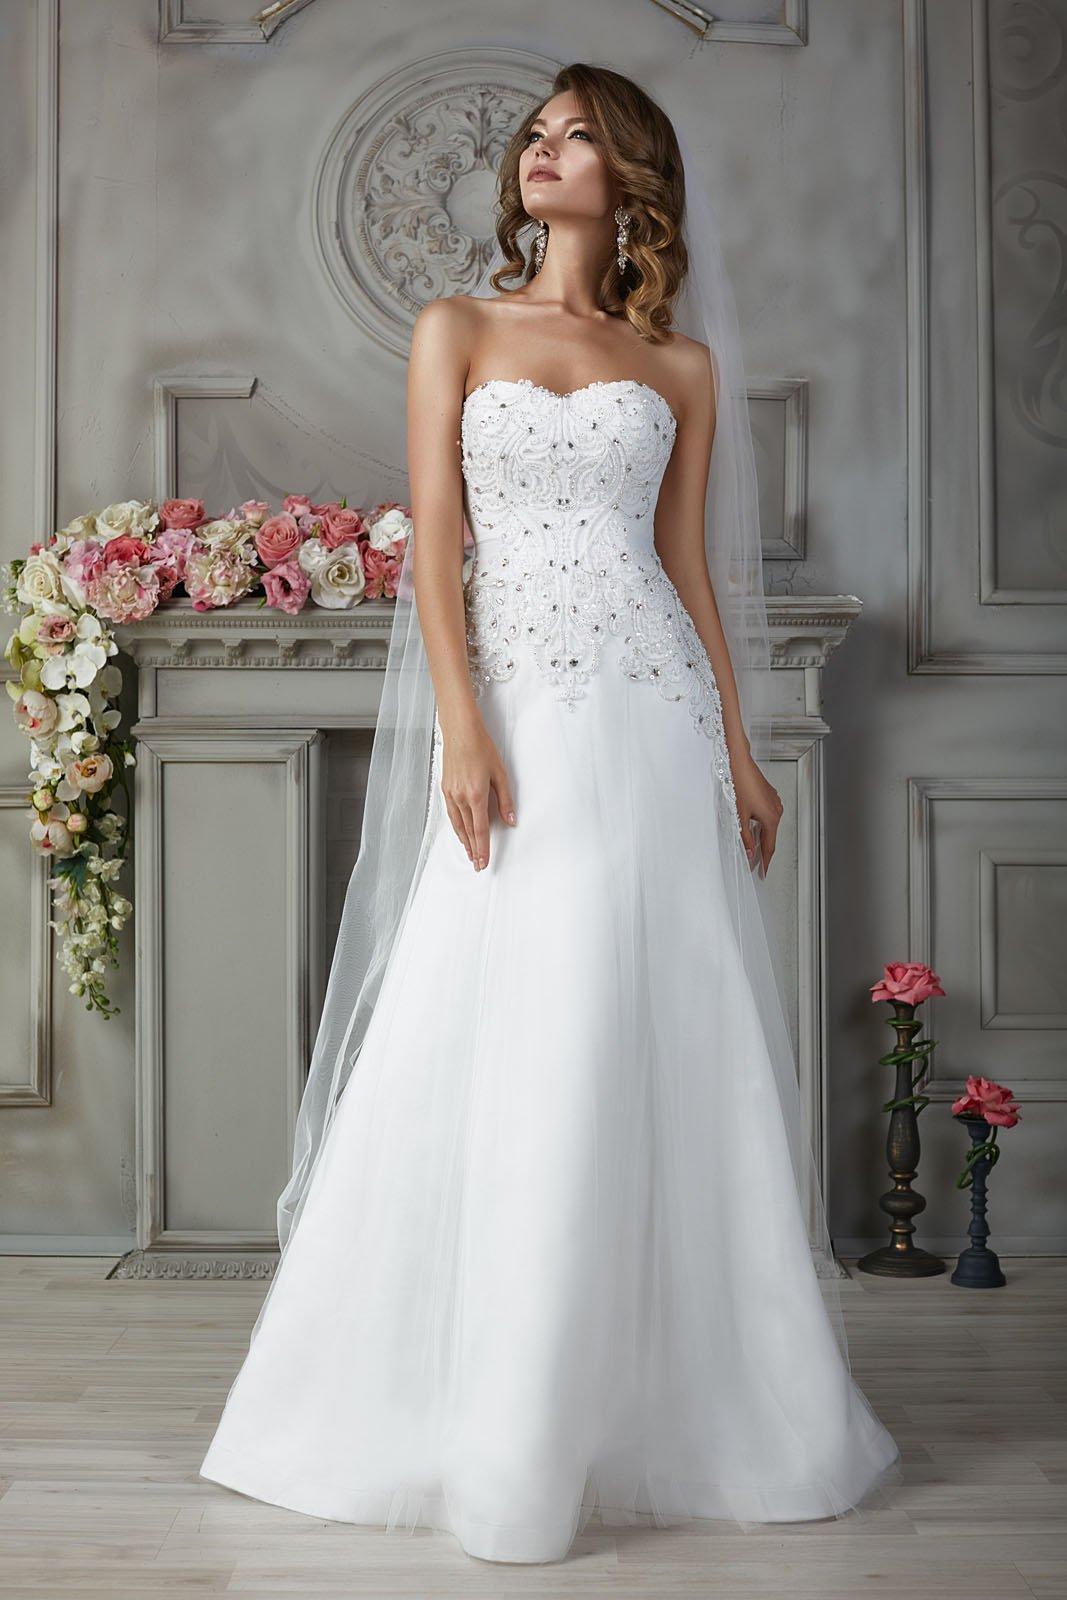 Свадебное платье силуэта «рыбка» с изящной вышивкой на открытом корсете.